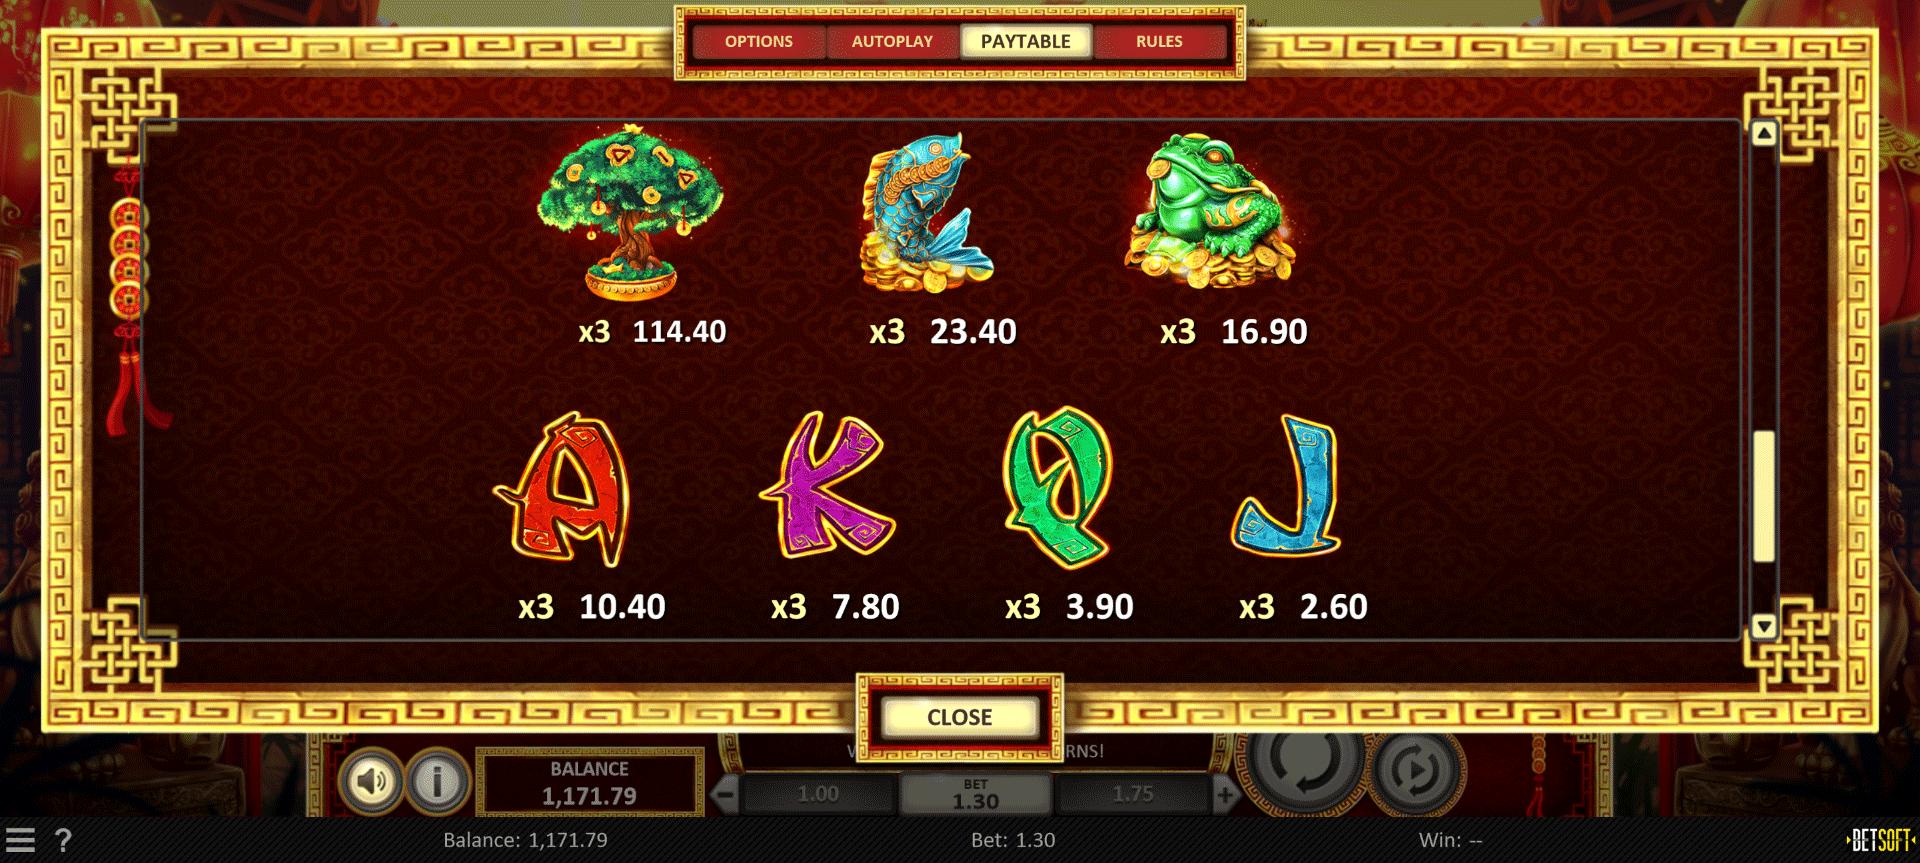 tabella dei pagamenti della slot online golden horns